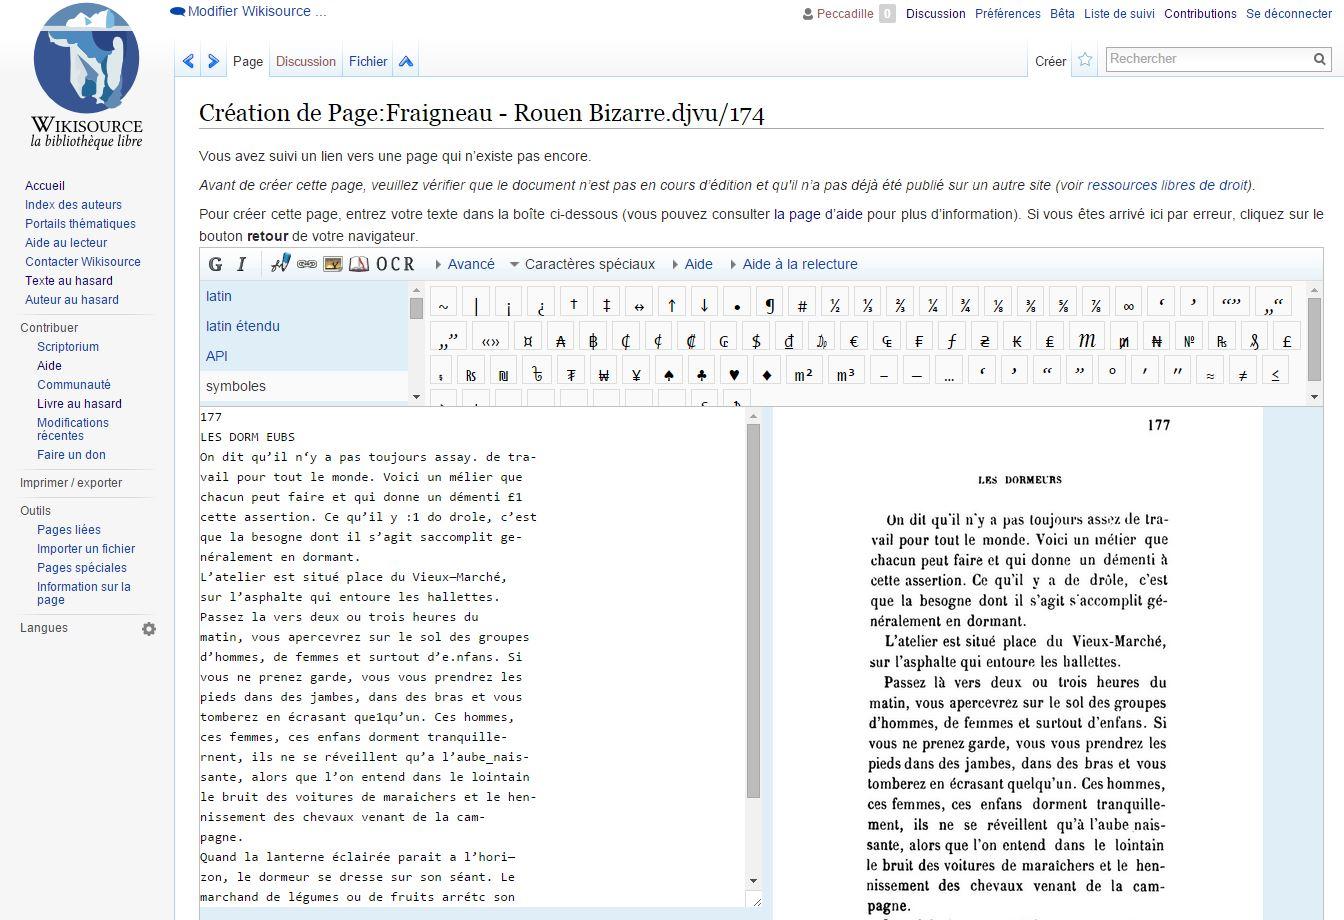 Correction de l'OCRisation (reconnaissance optique des caractères) dans Wikisource